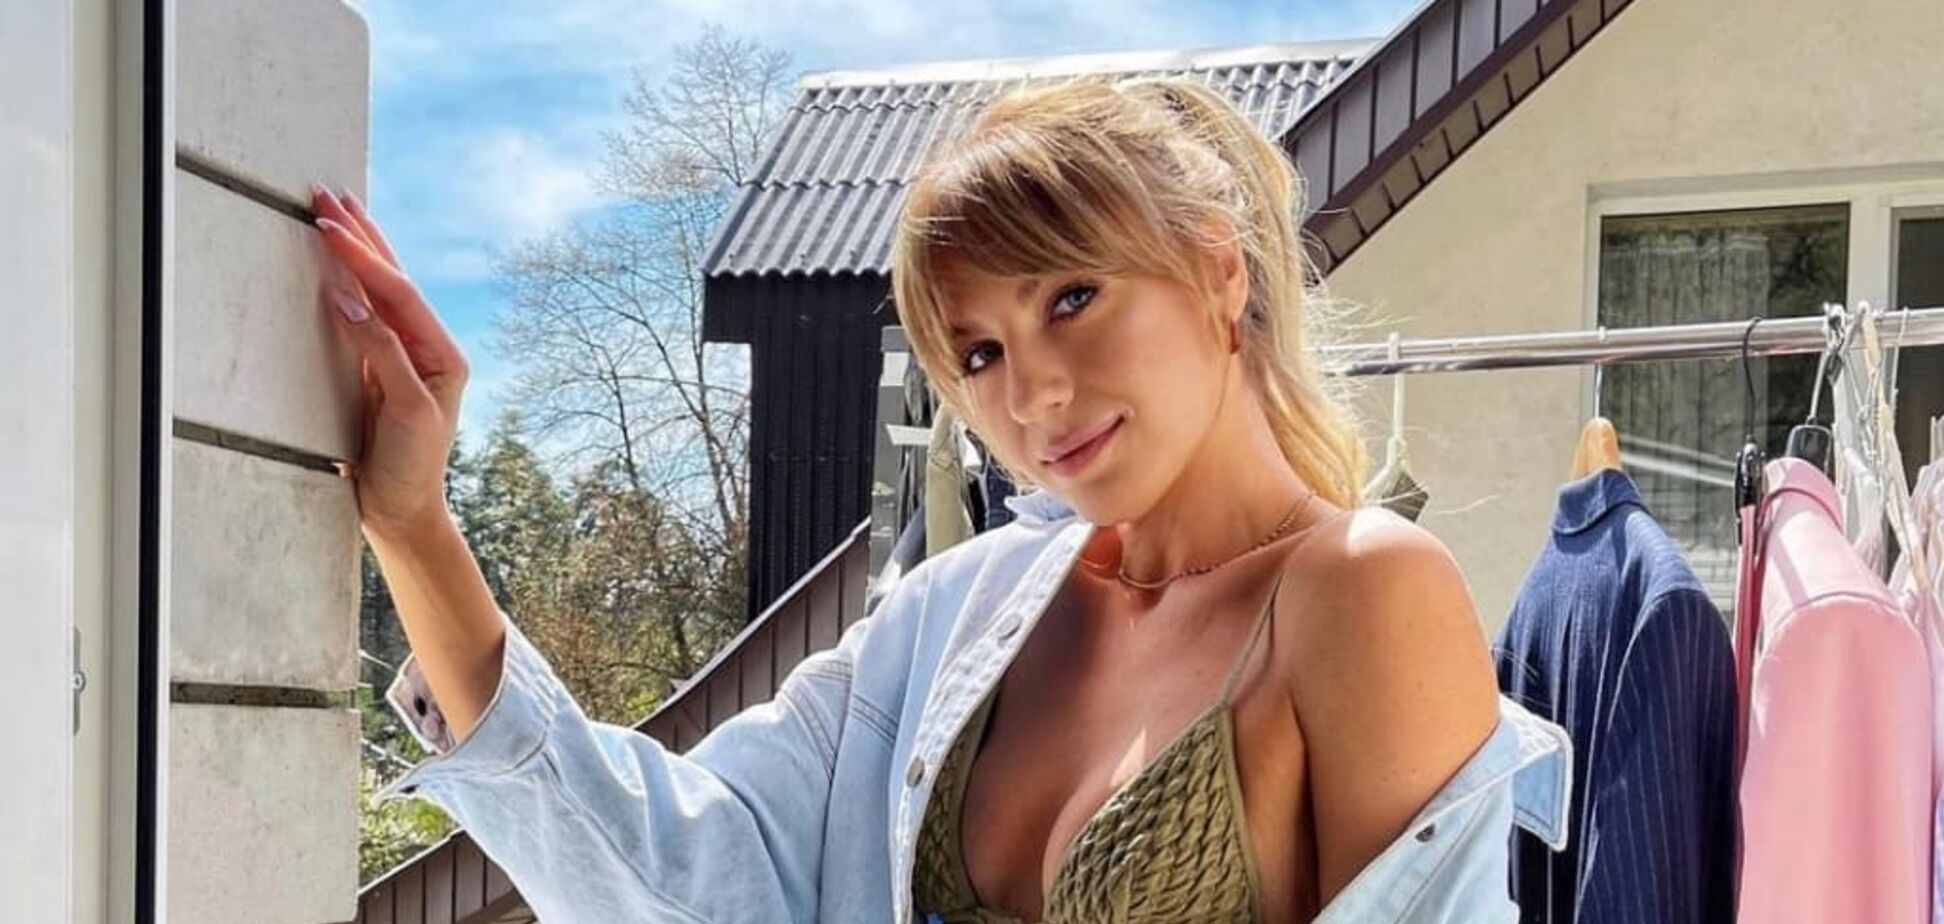 Нікітюк полетіла на дівич-вечір у Туреччину і показала фото в купальнику